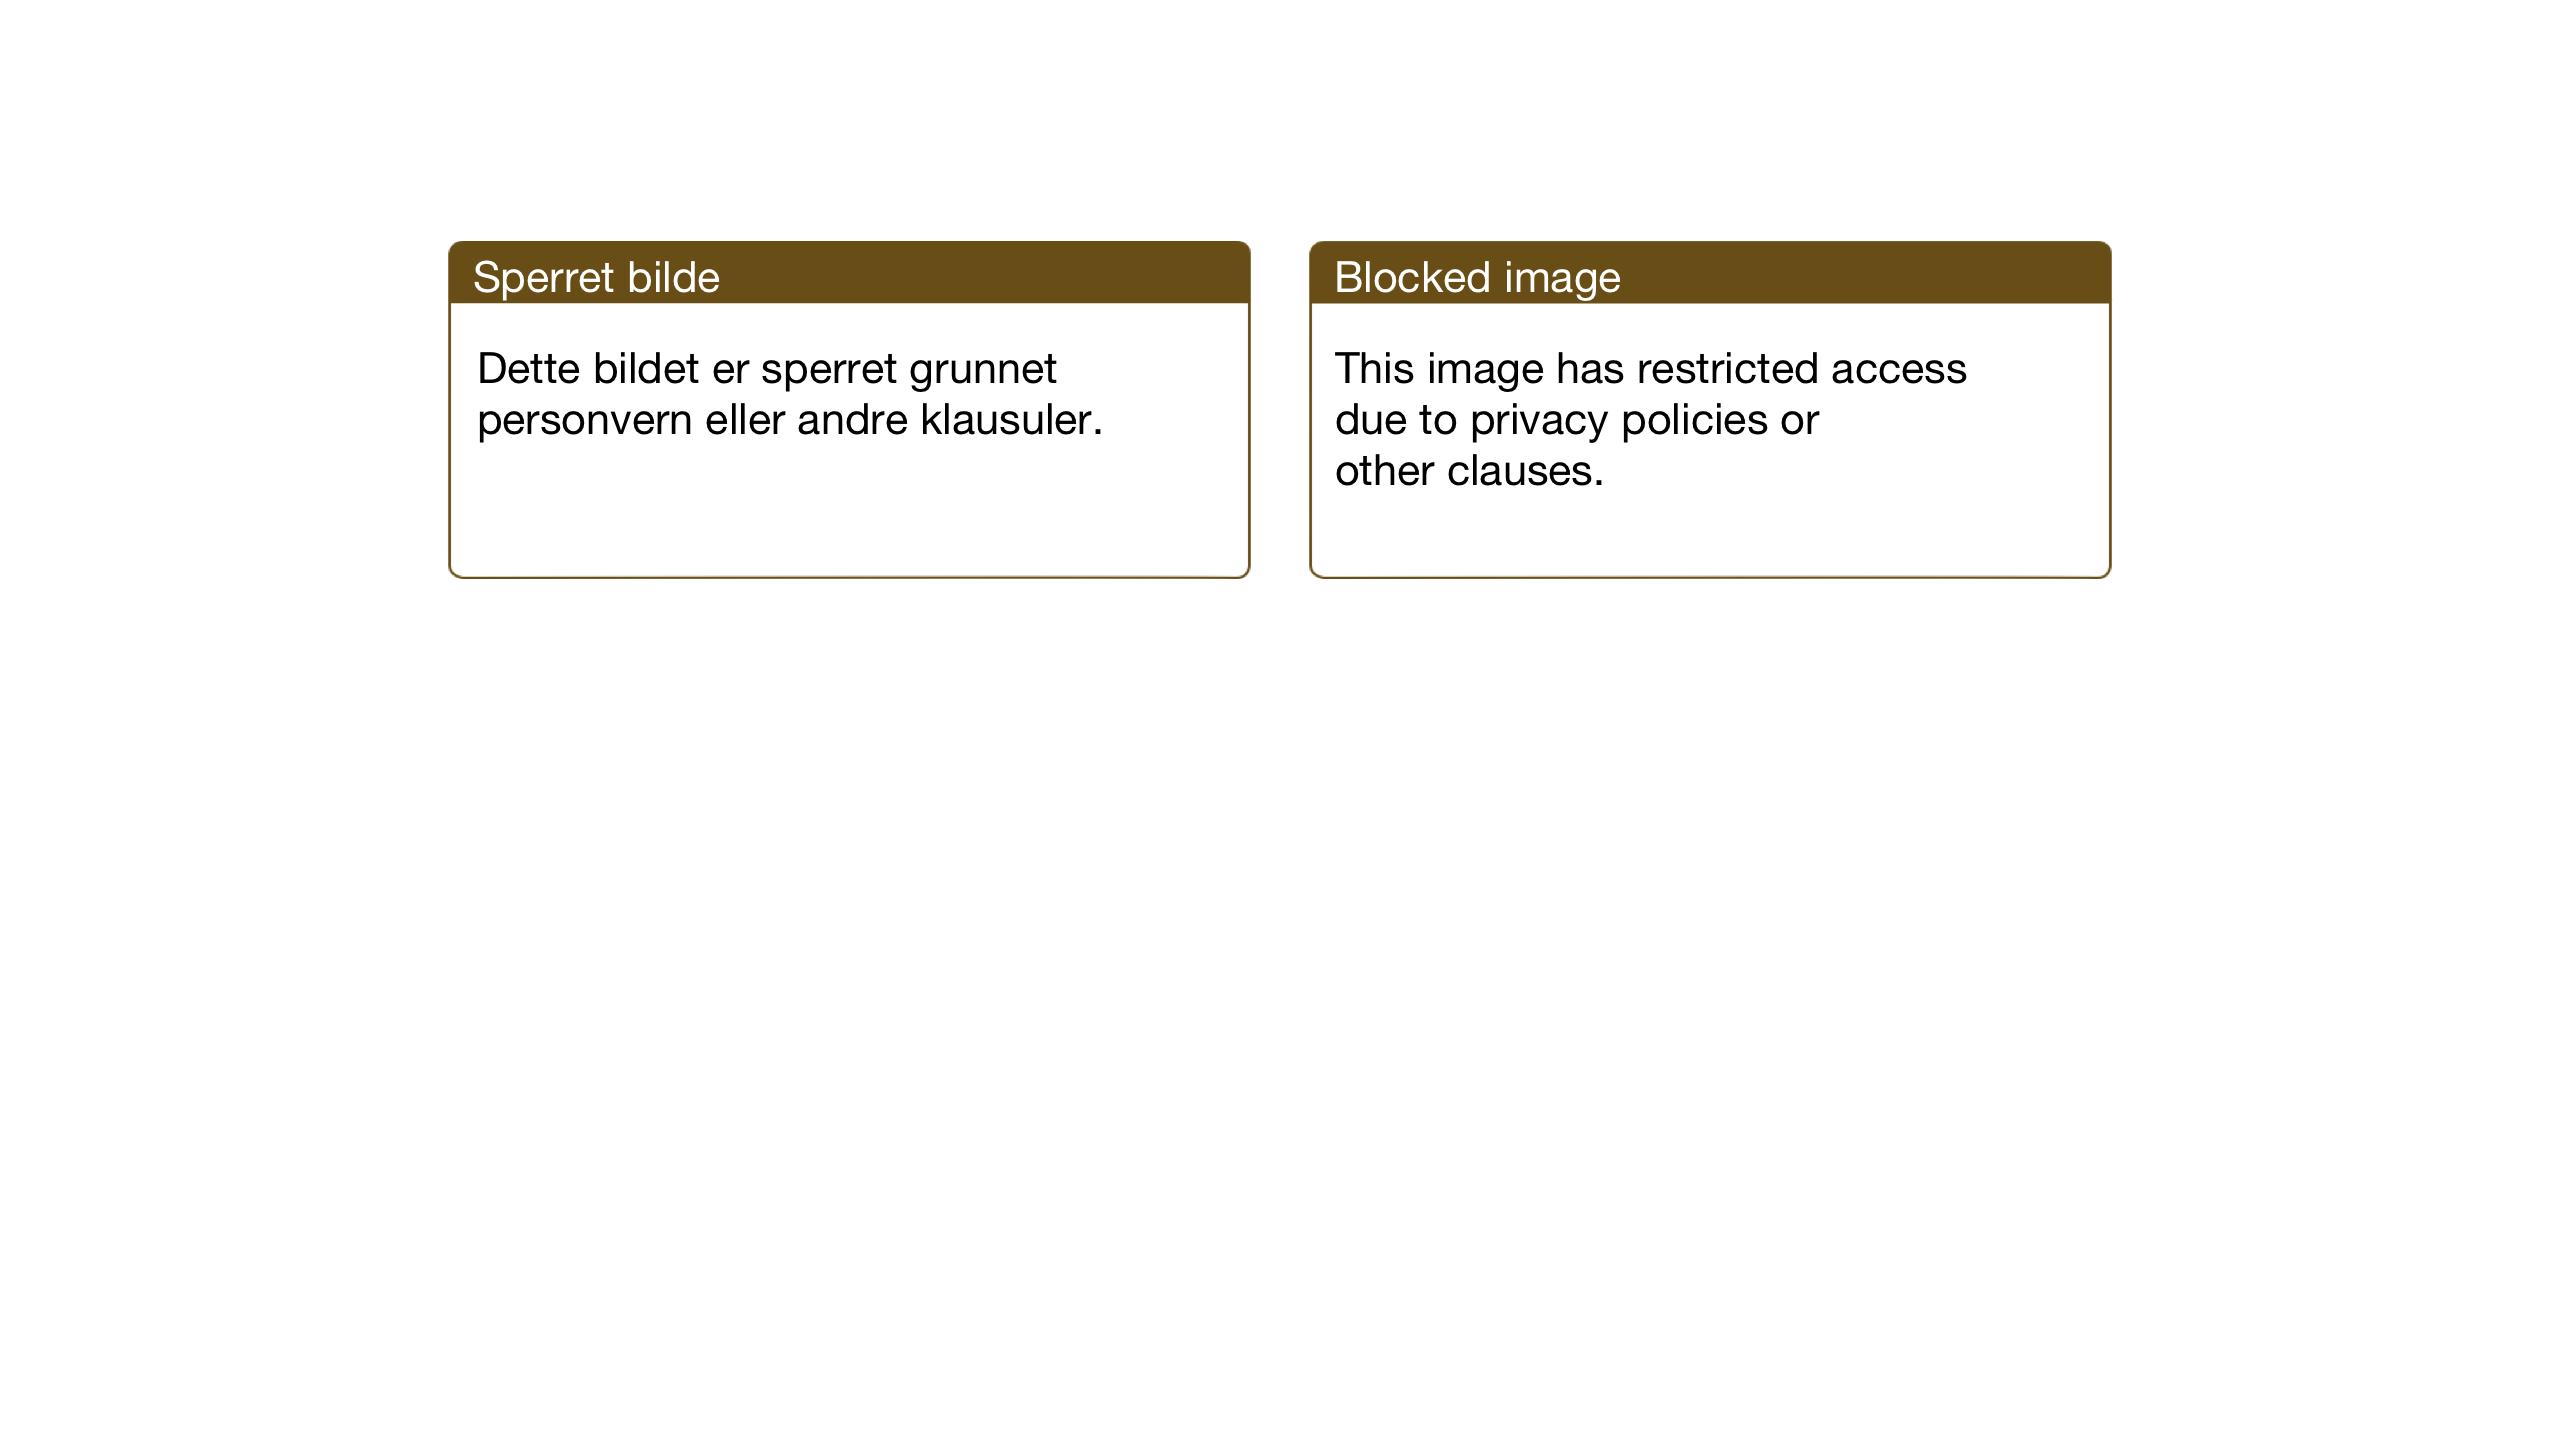 SAT, Ministerialprotokoller, klokkerbøker og fødselsregistre - Sør-Trøndelag, 691/L1095: Klokkerbok nr. 691C06, 1912-1933, s. 124